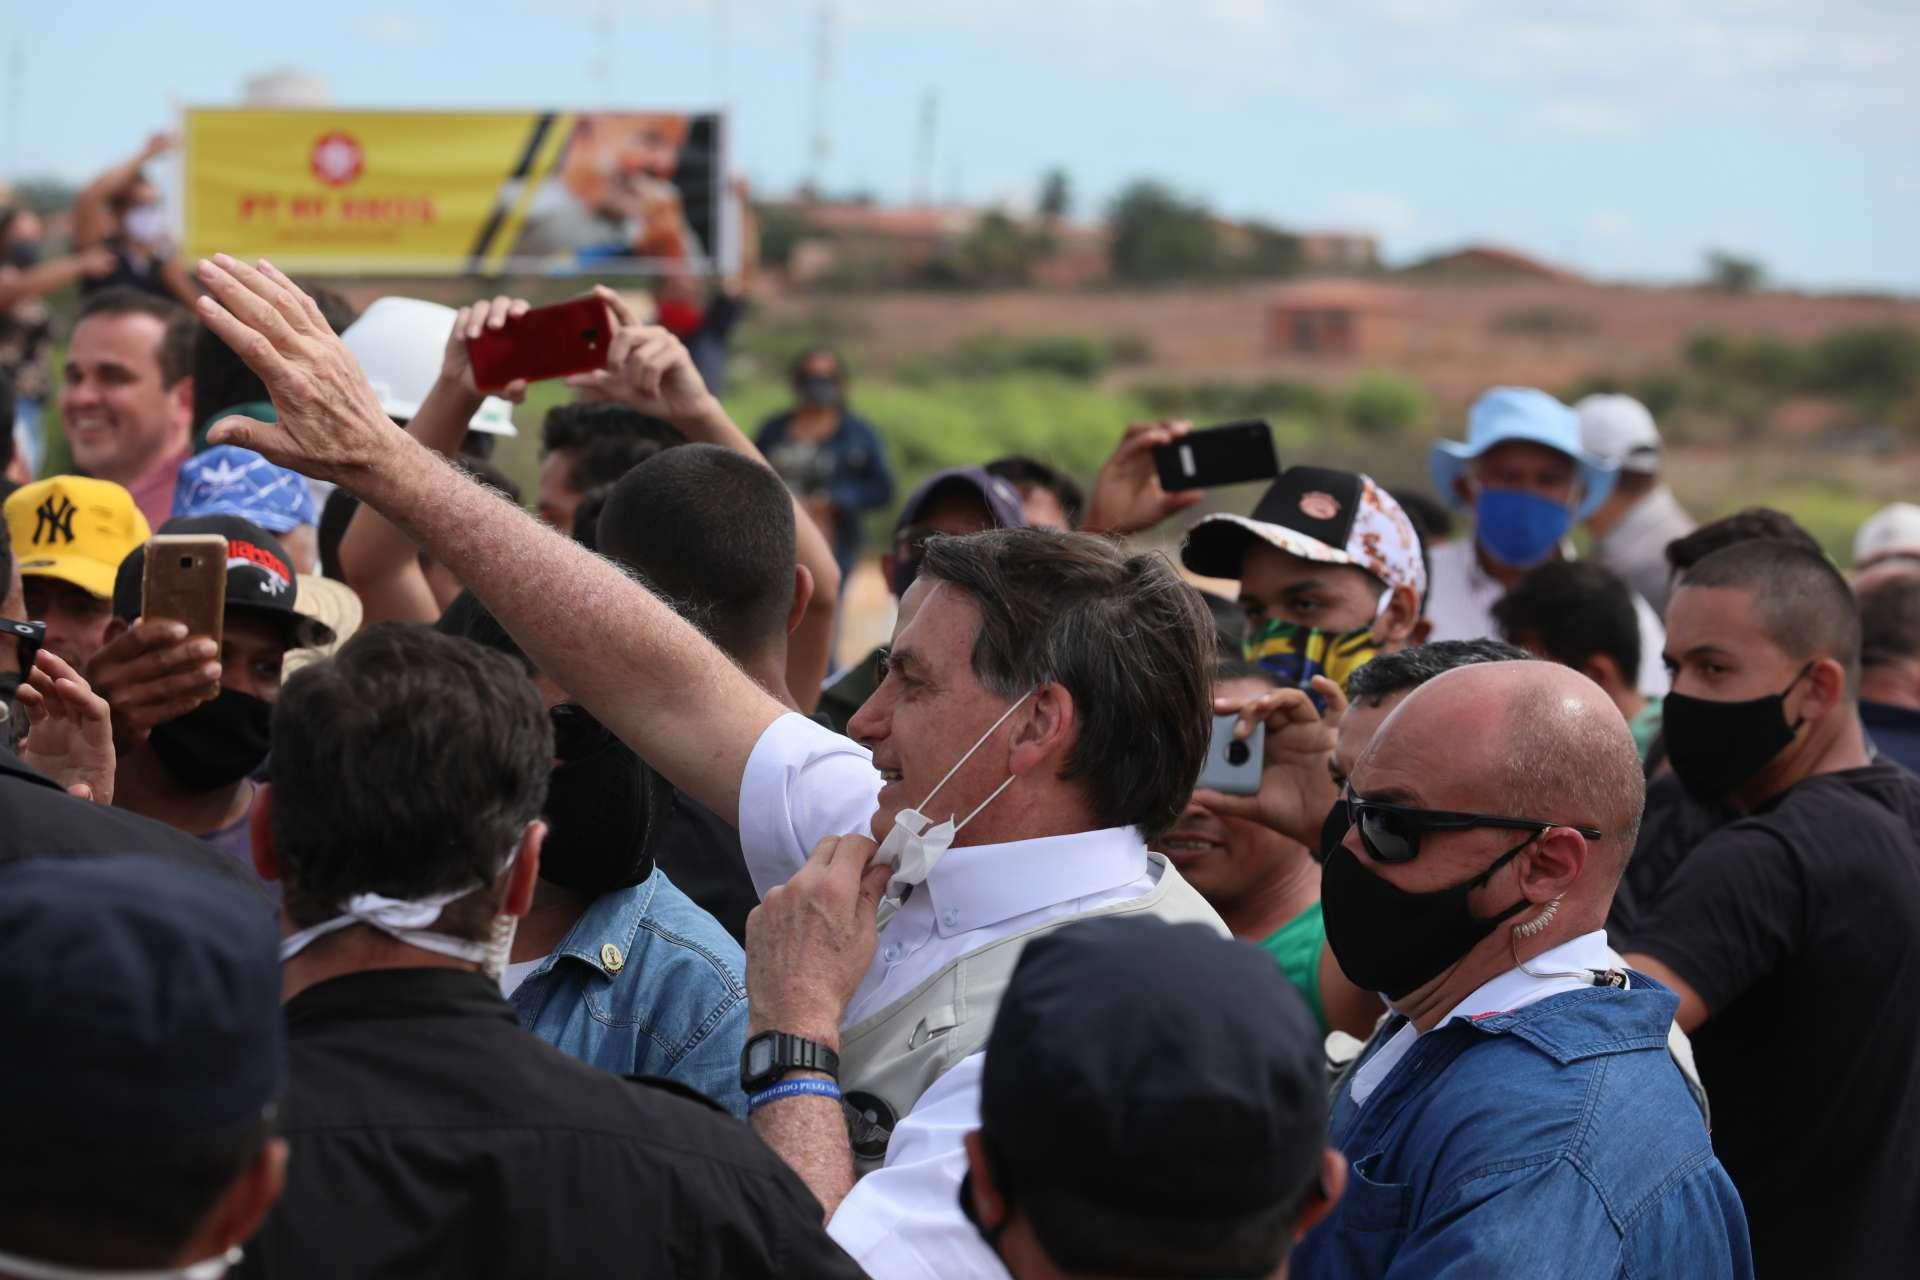 Em Penaforte, no Ceará, 11 dias atrás, Bolsonaro tirou máscara algumas vezes no meio da multidão. Torcida é para que ele não estivesse contaminado ainda